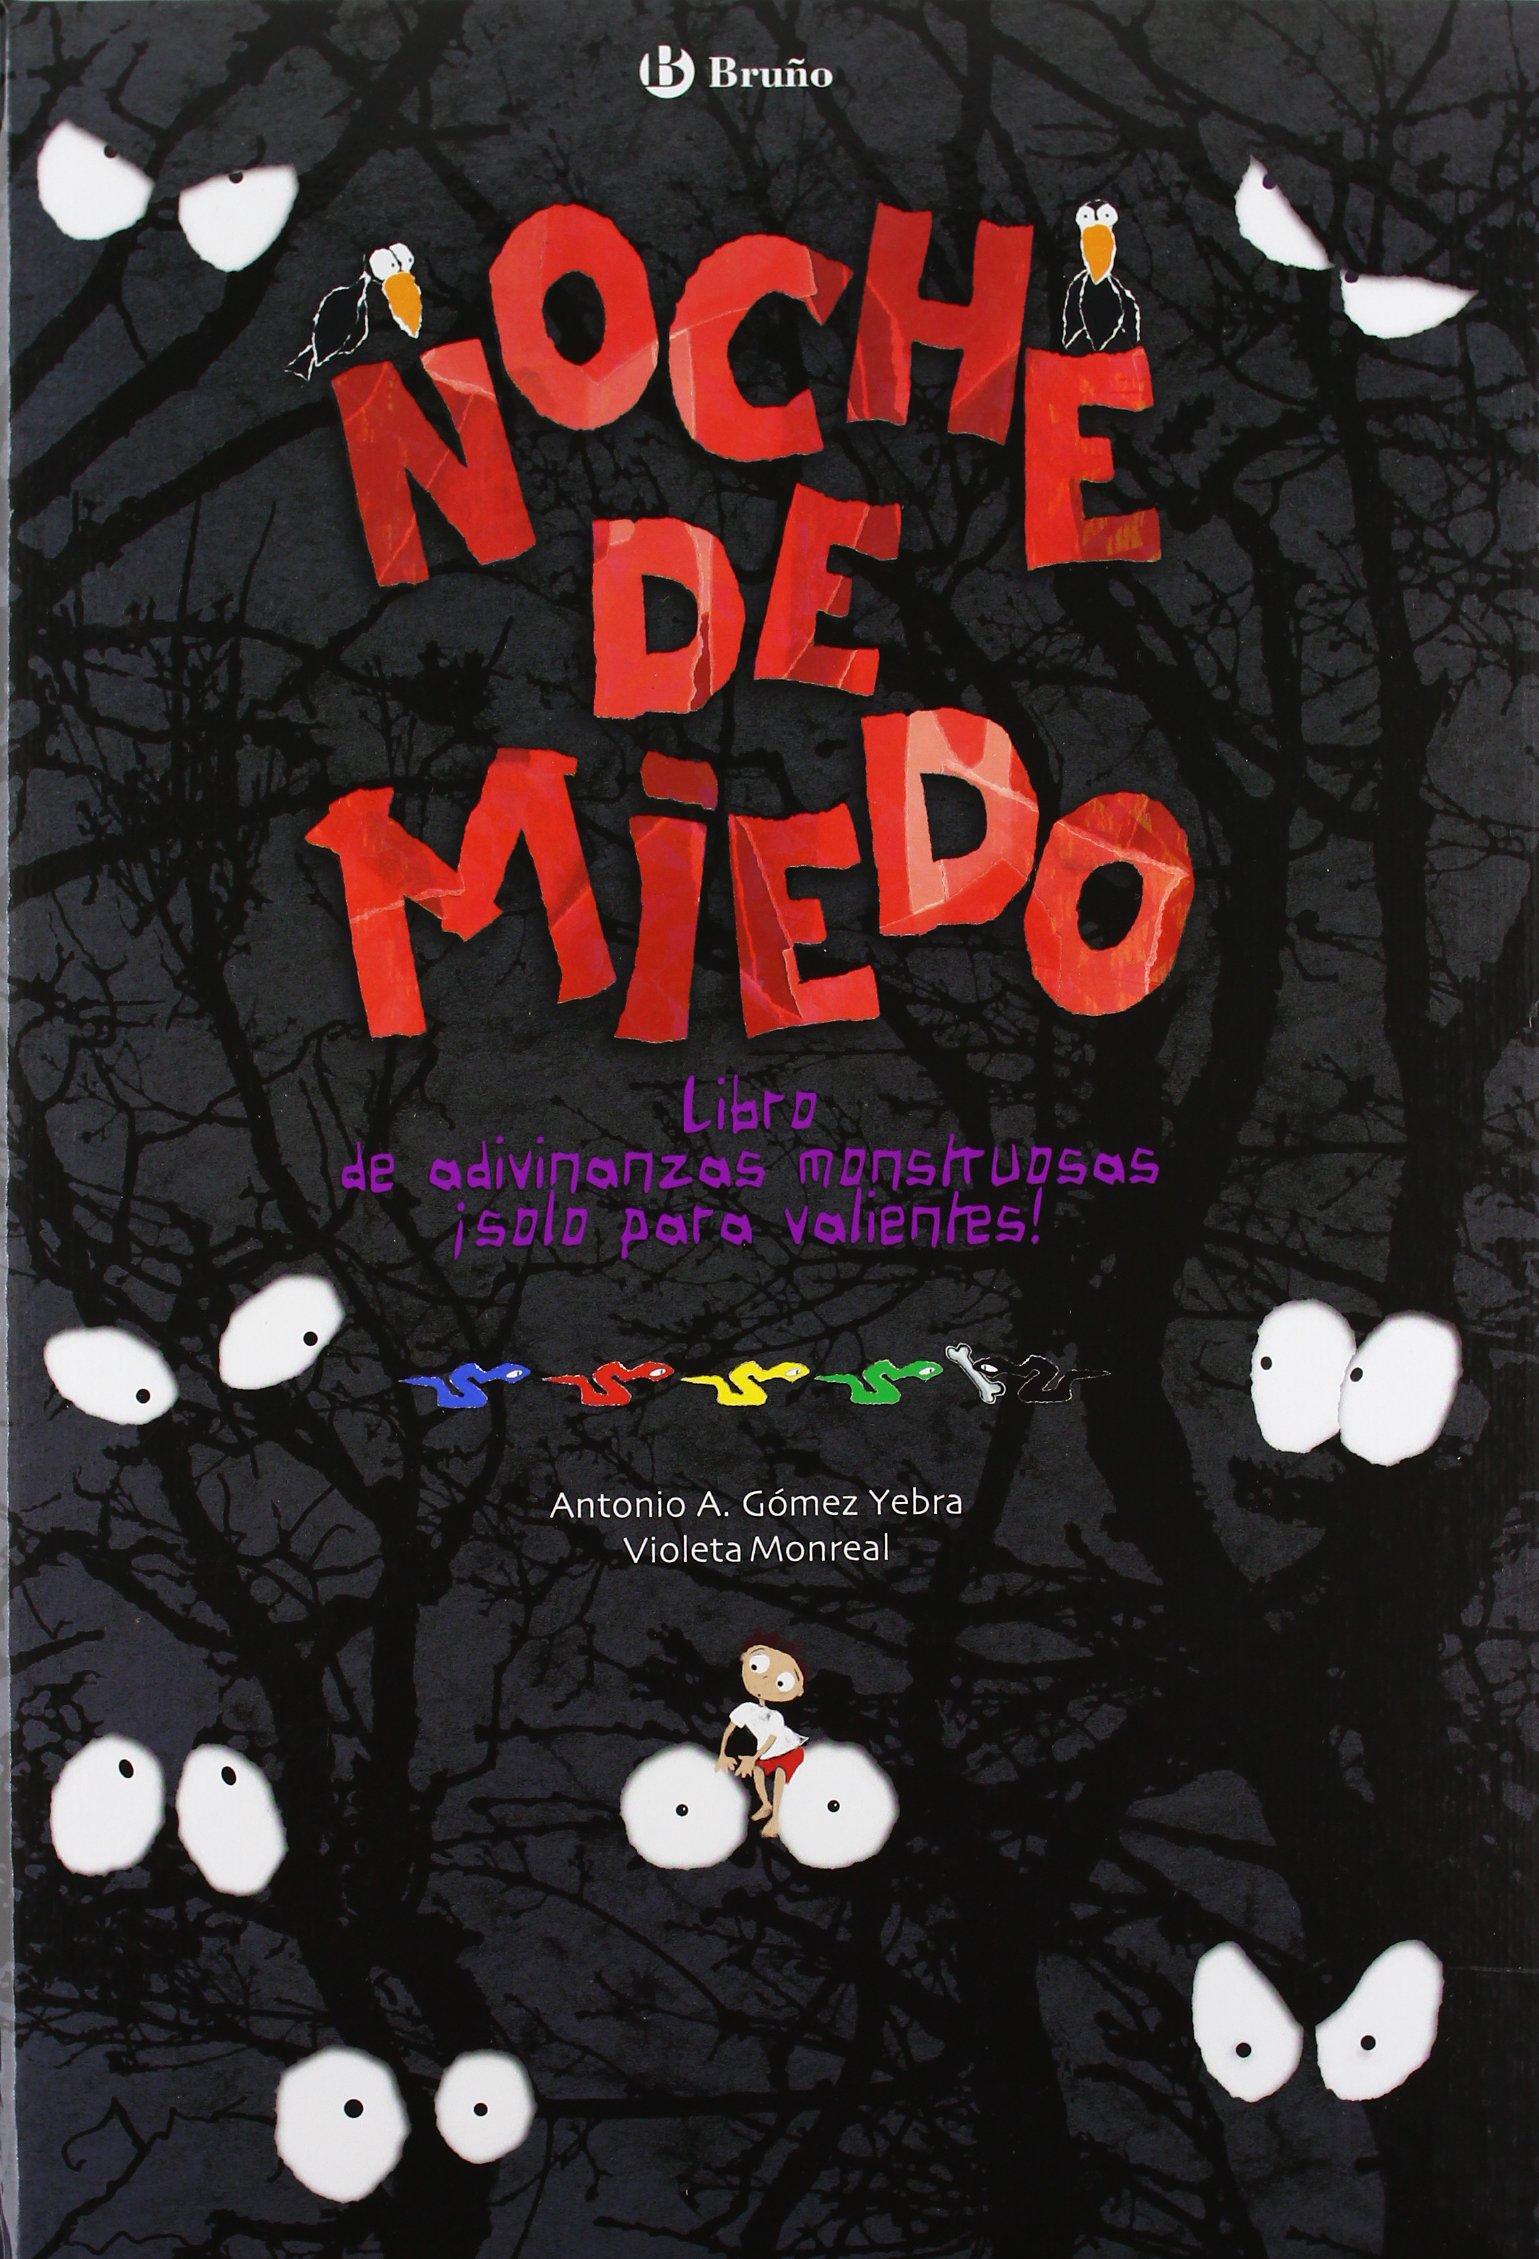 Noche de miedo Castellano - A Partir De 6 Años - Álbumes - Oro Parece: Amazon.es: Antonio A. Gómez Yebra, Violeta Monreal: Libros